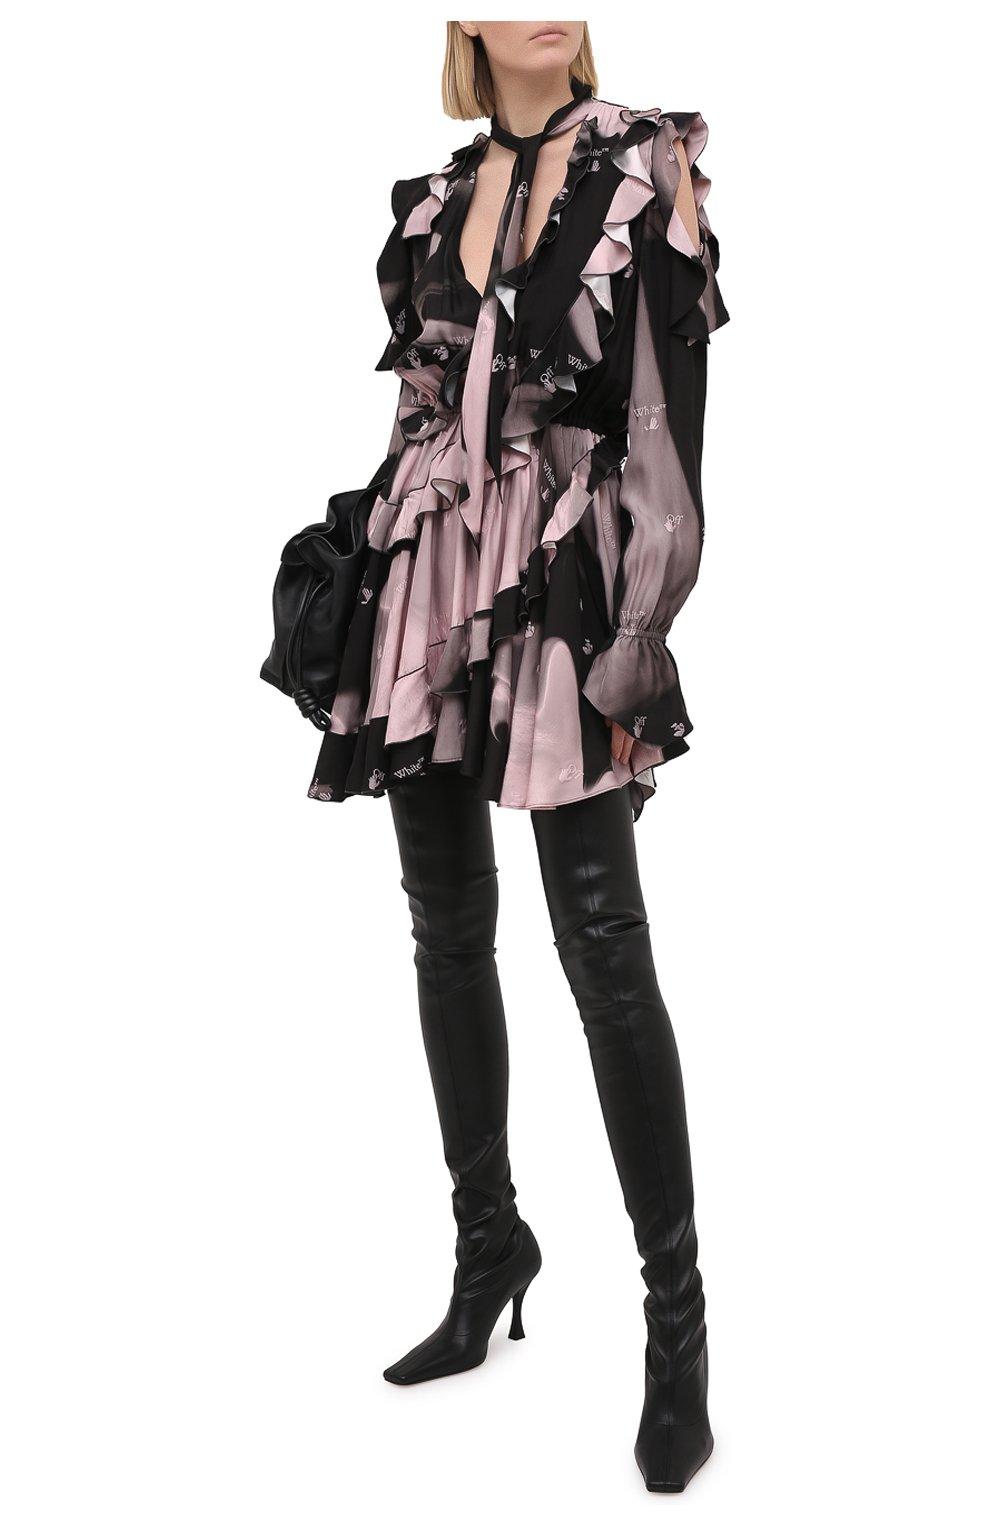 Женские комбинированные ботфорты PROENZA SCHOULER черного цвета, арт. PS35212B/12310   Фото 2 (Материал внешний: Экокожа, Текстиль; Каблук высота: Высокий; Высота голенища: Высокие; Материал внутренний: Натуральная кожа; Каблук тип: Устойчивый; Подошва: Плоская)